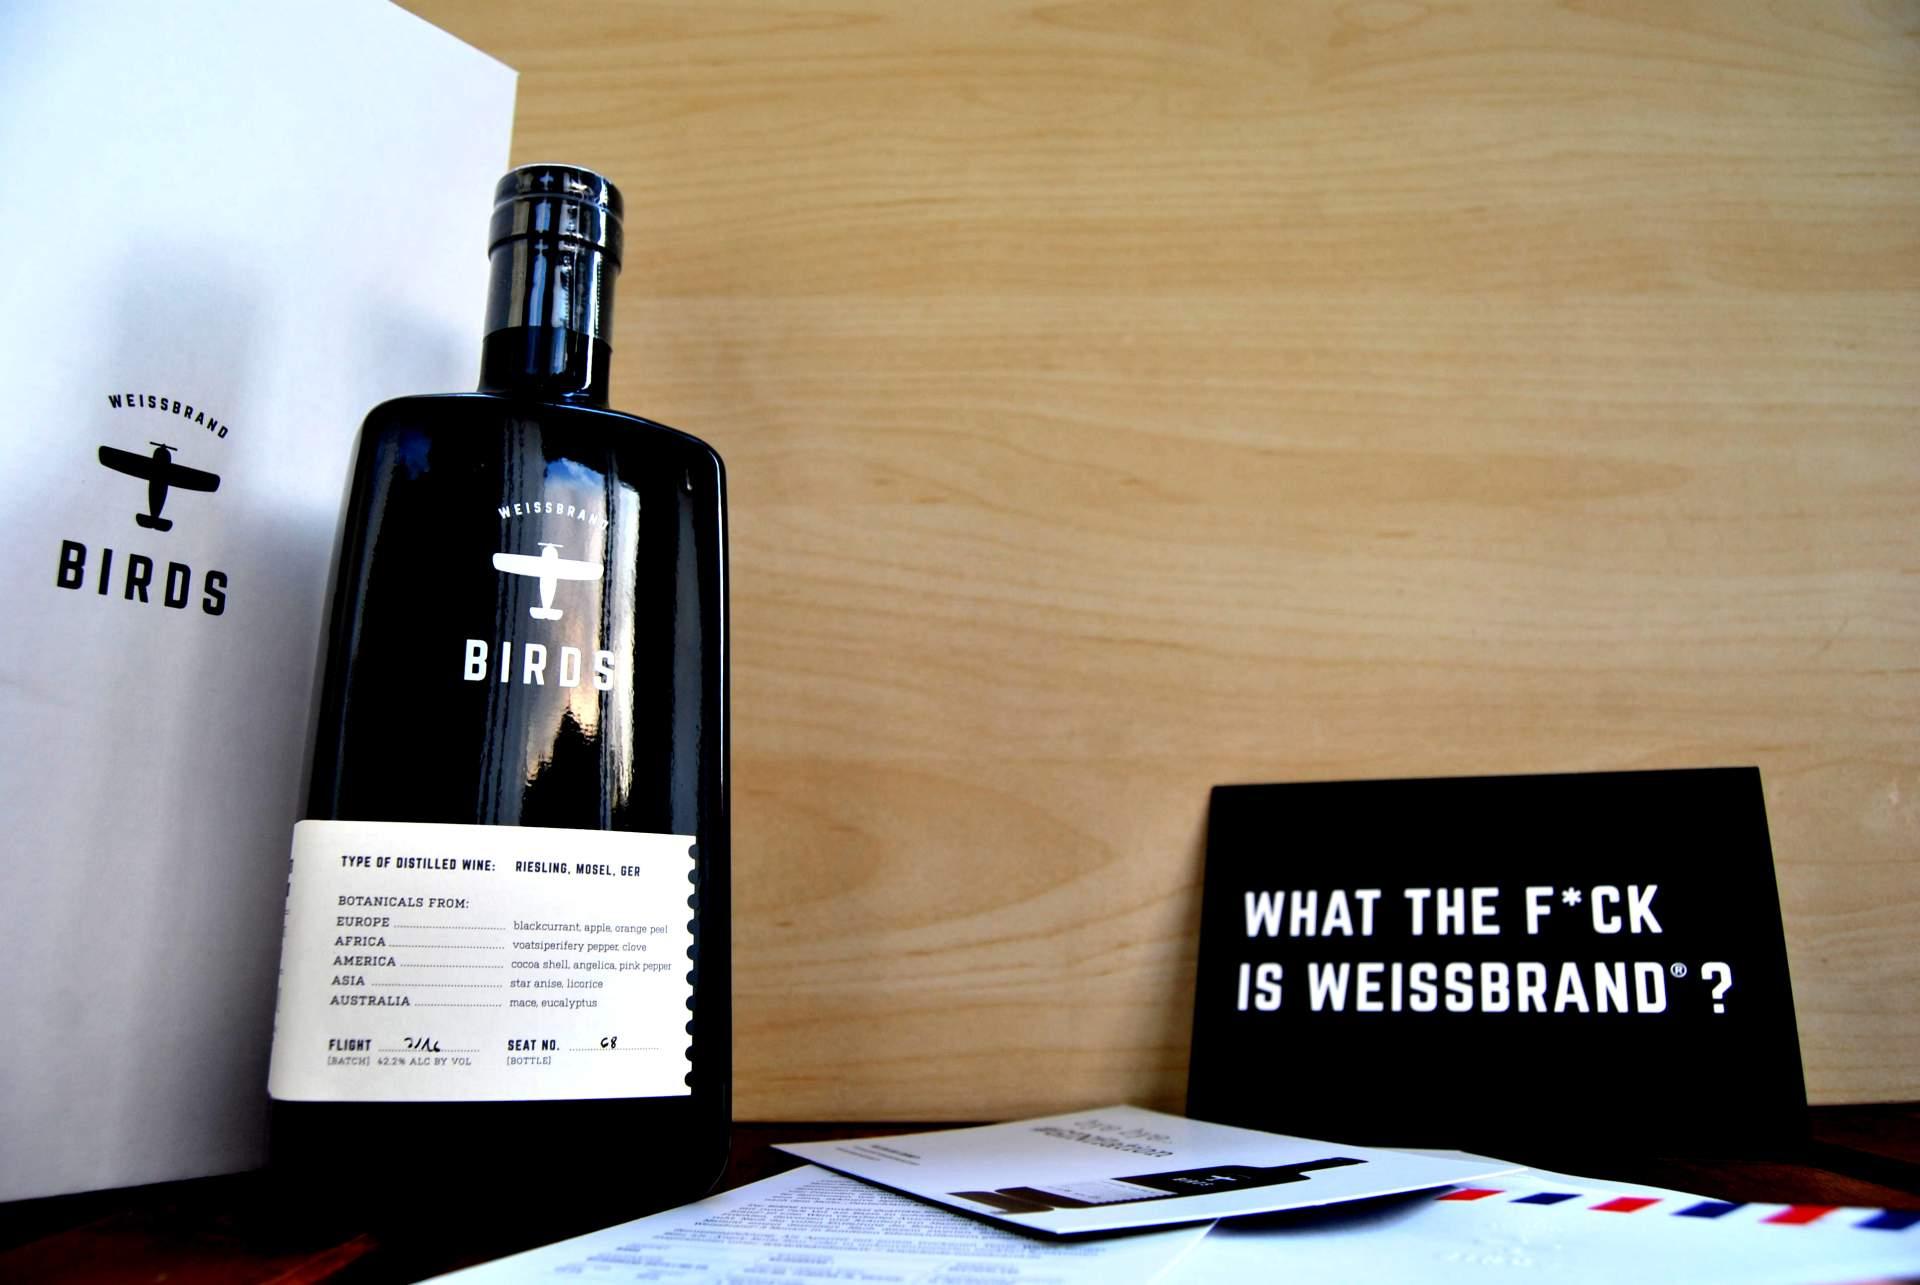 Birds Weissbrand stellt wichtige Fragen.